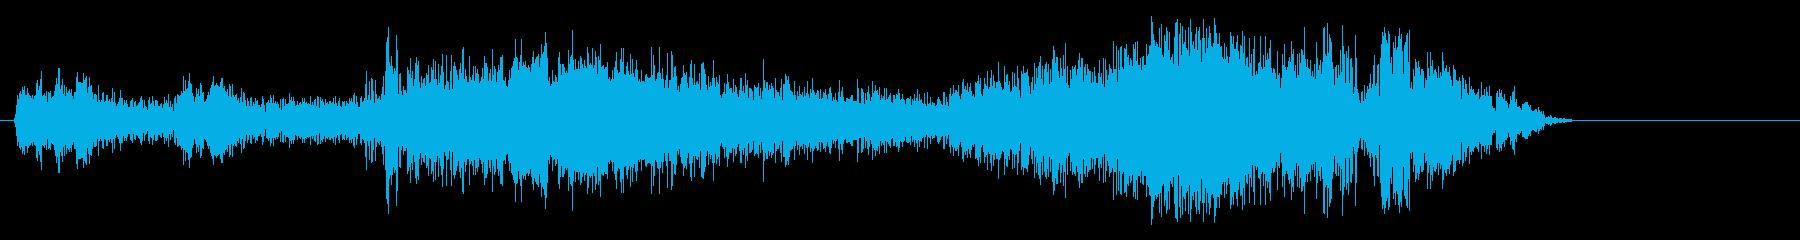 ホーントラックの再生済みの波形